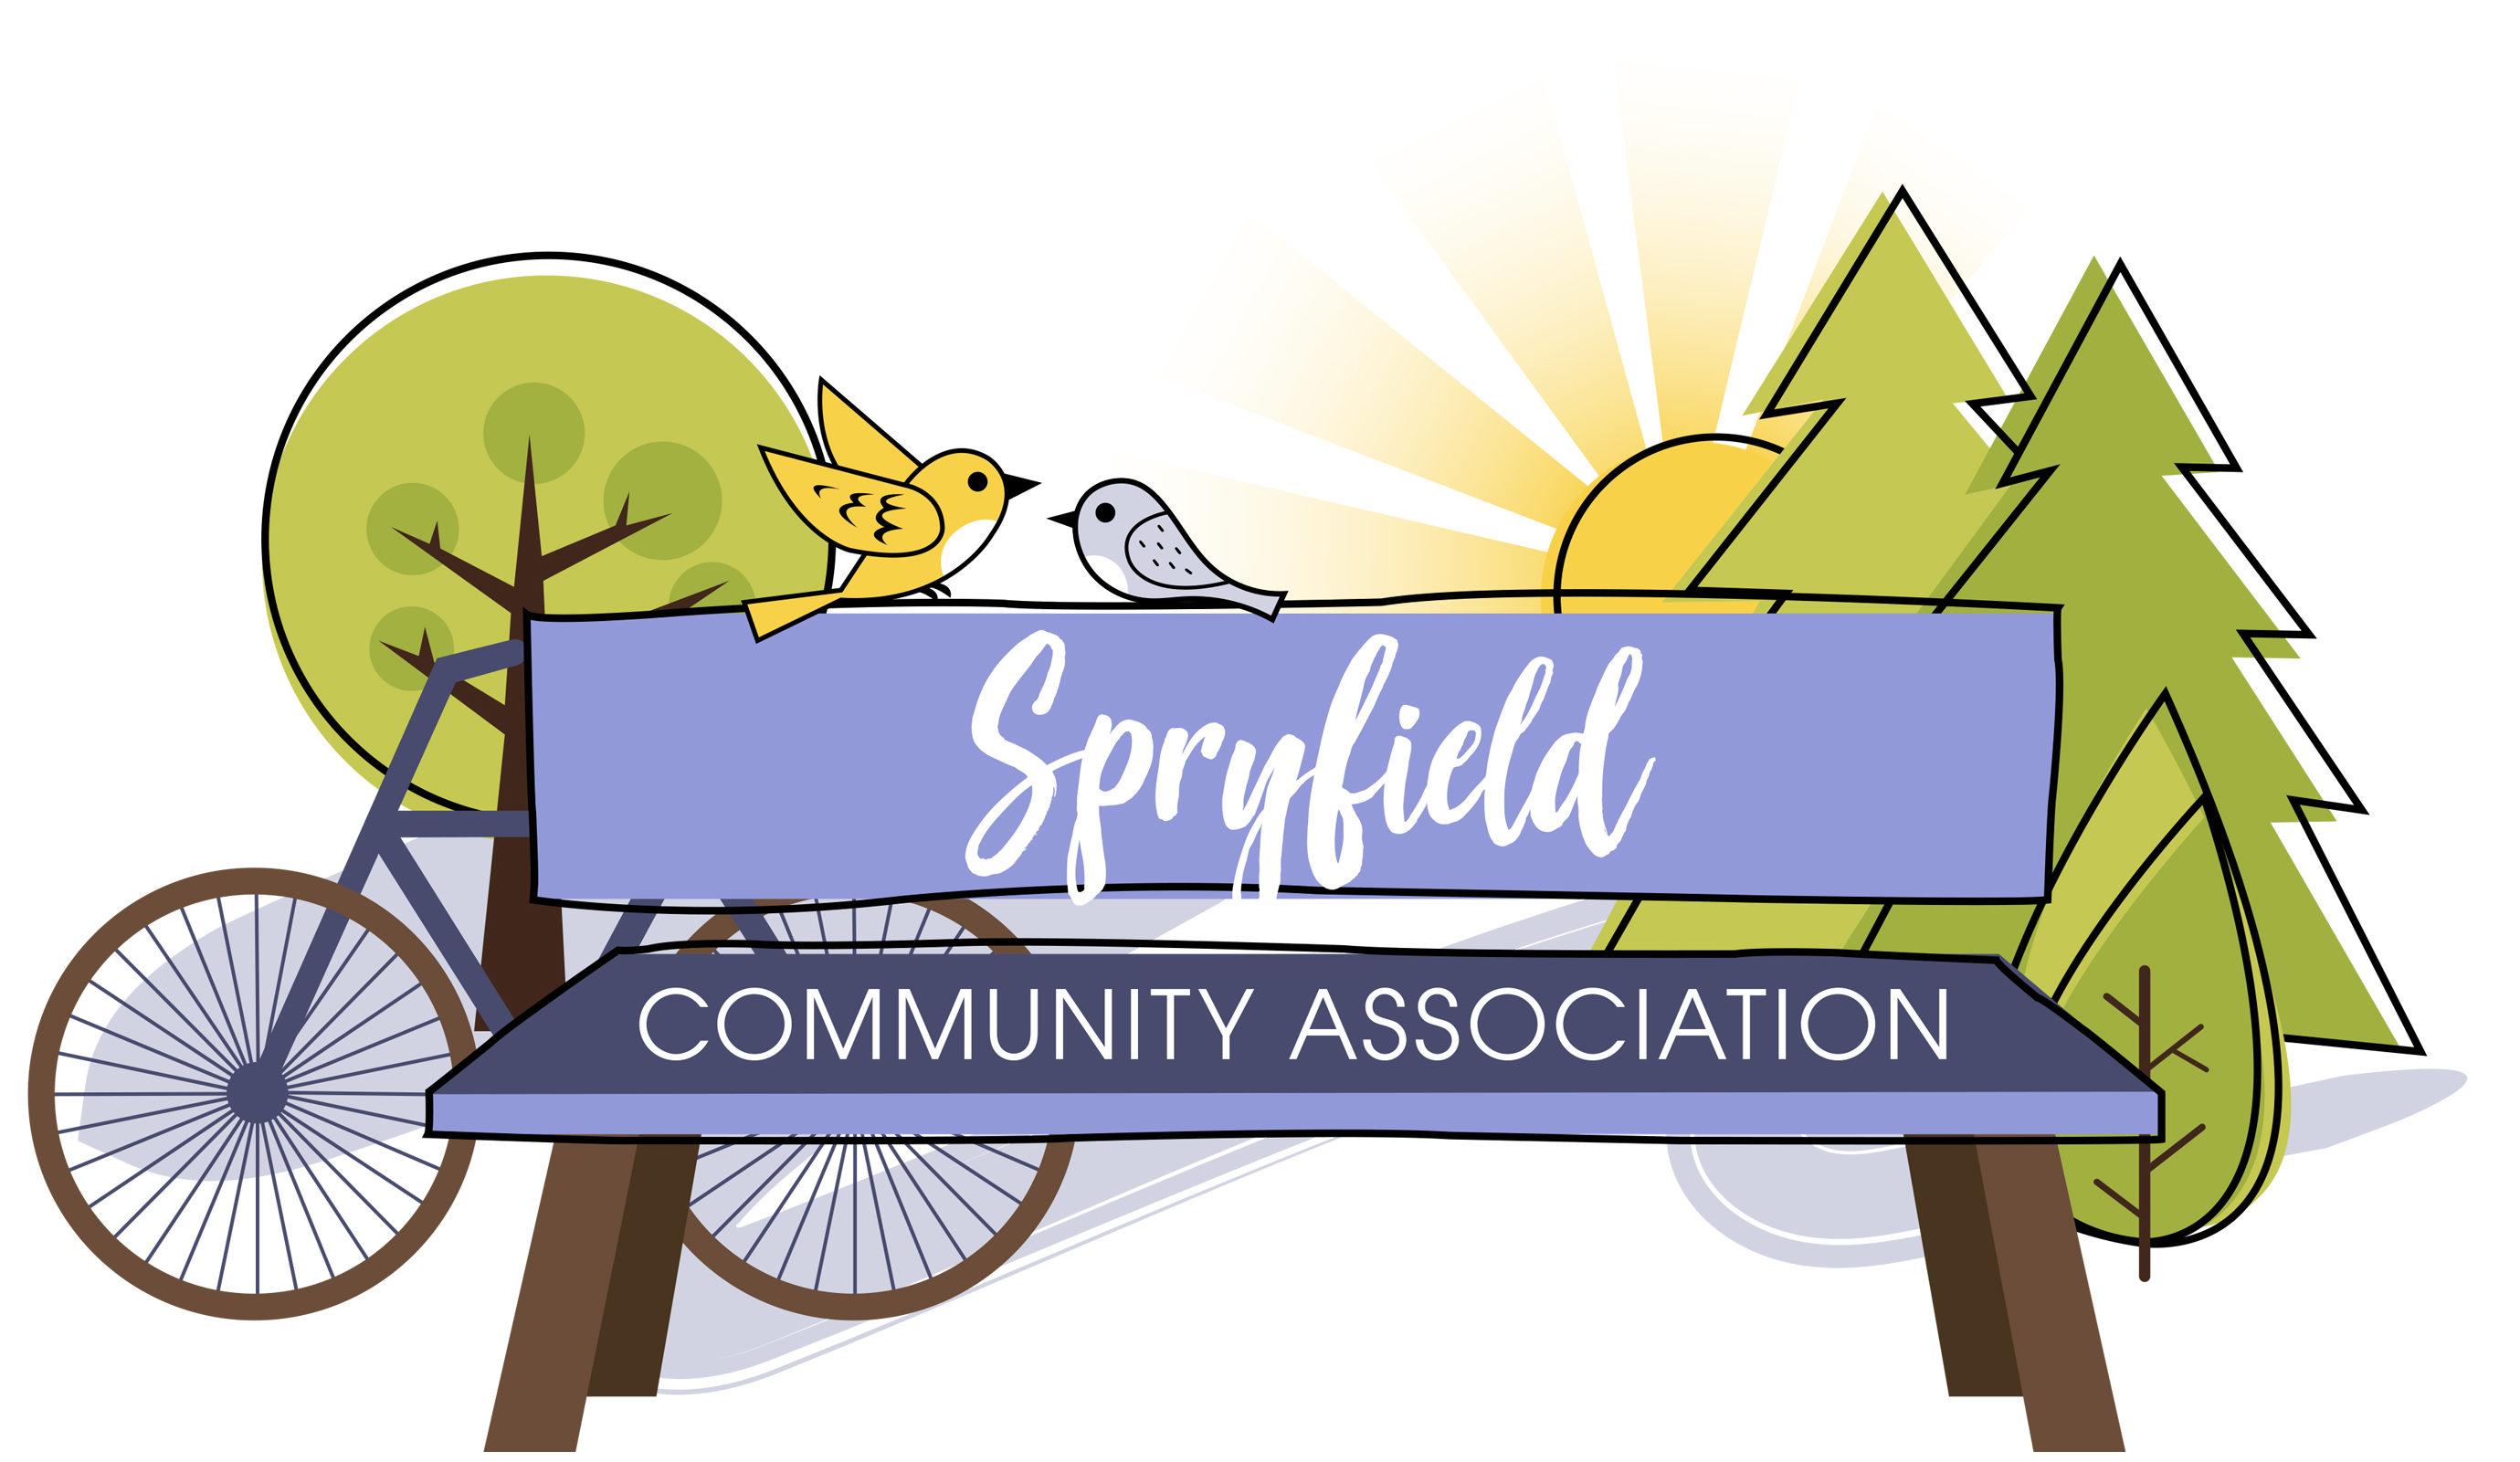 Spryfield Community Association